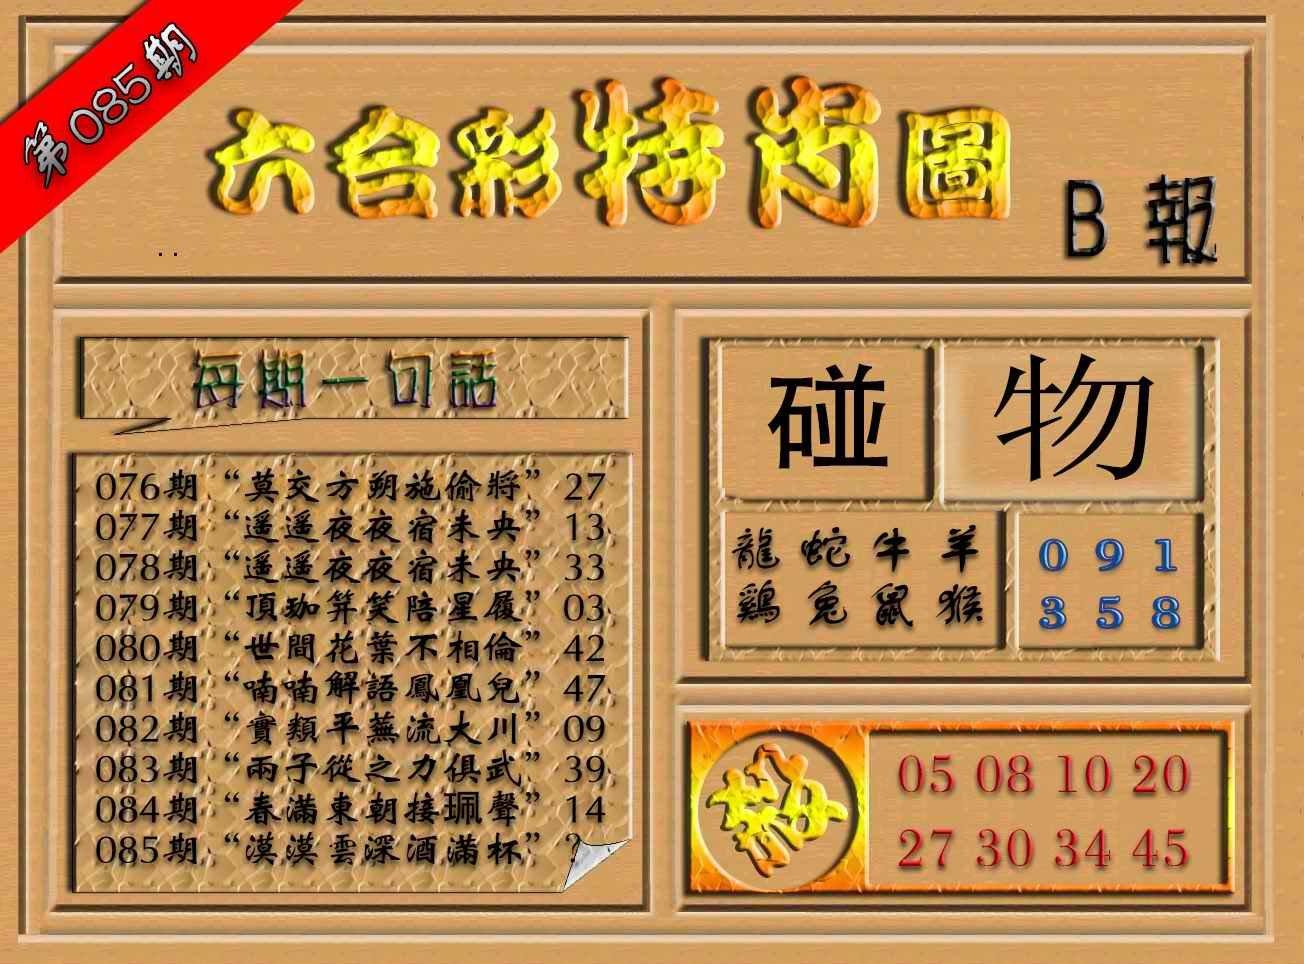 085期六合彩特肖图(B报)